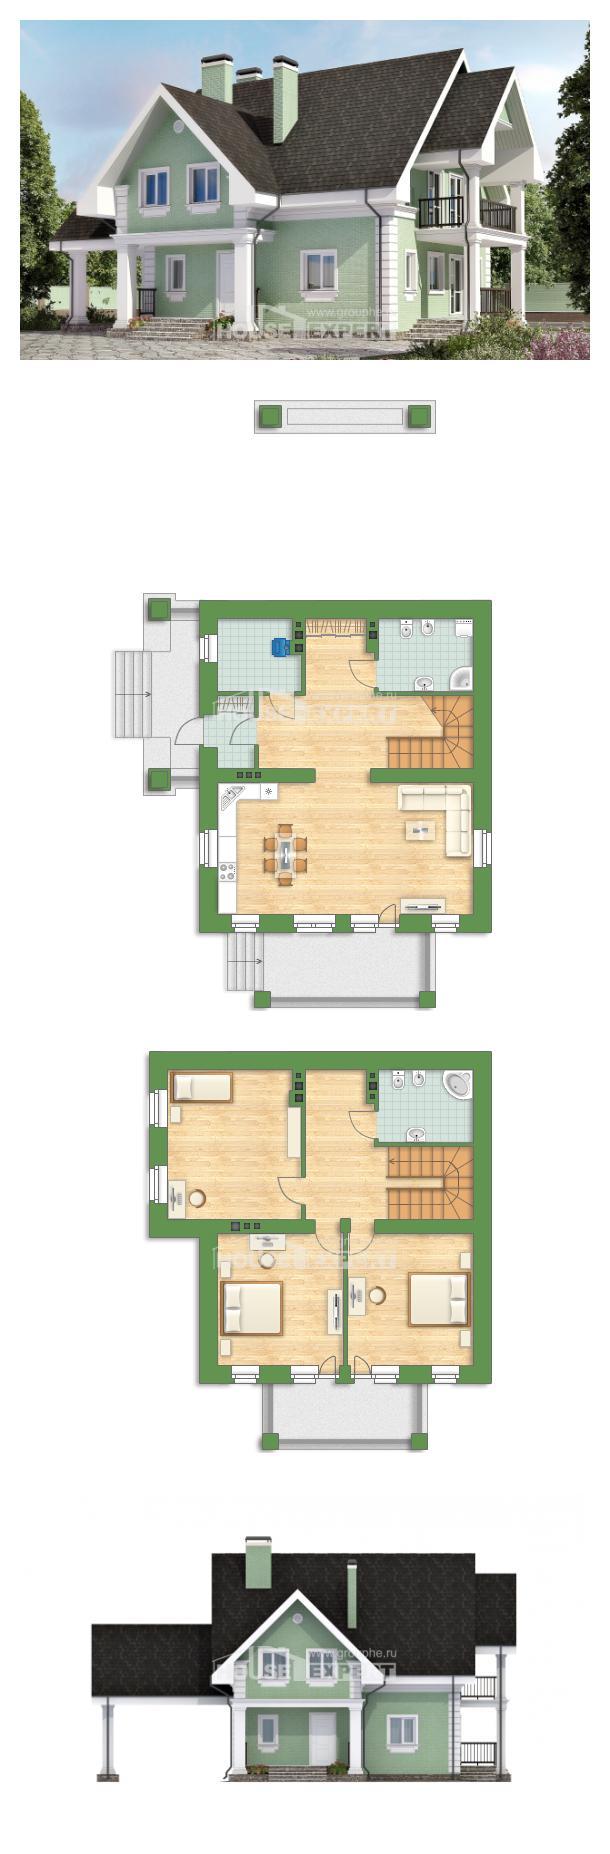 Plan 140-003-L | House Expert